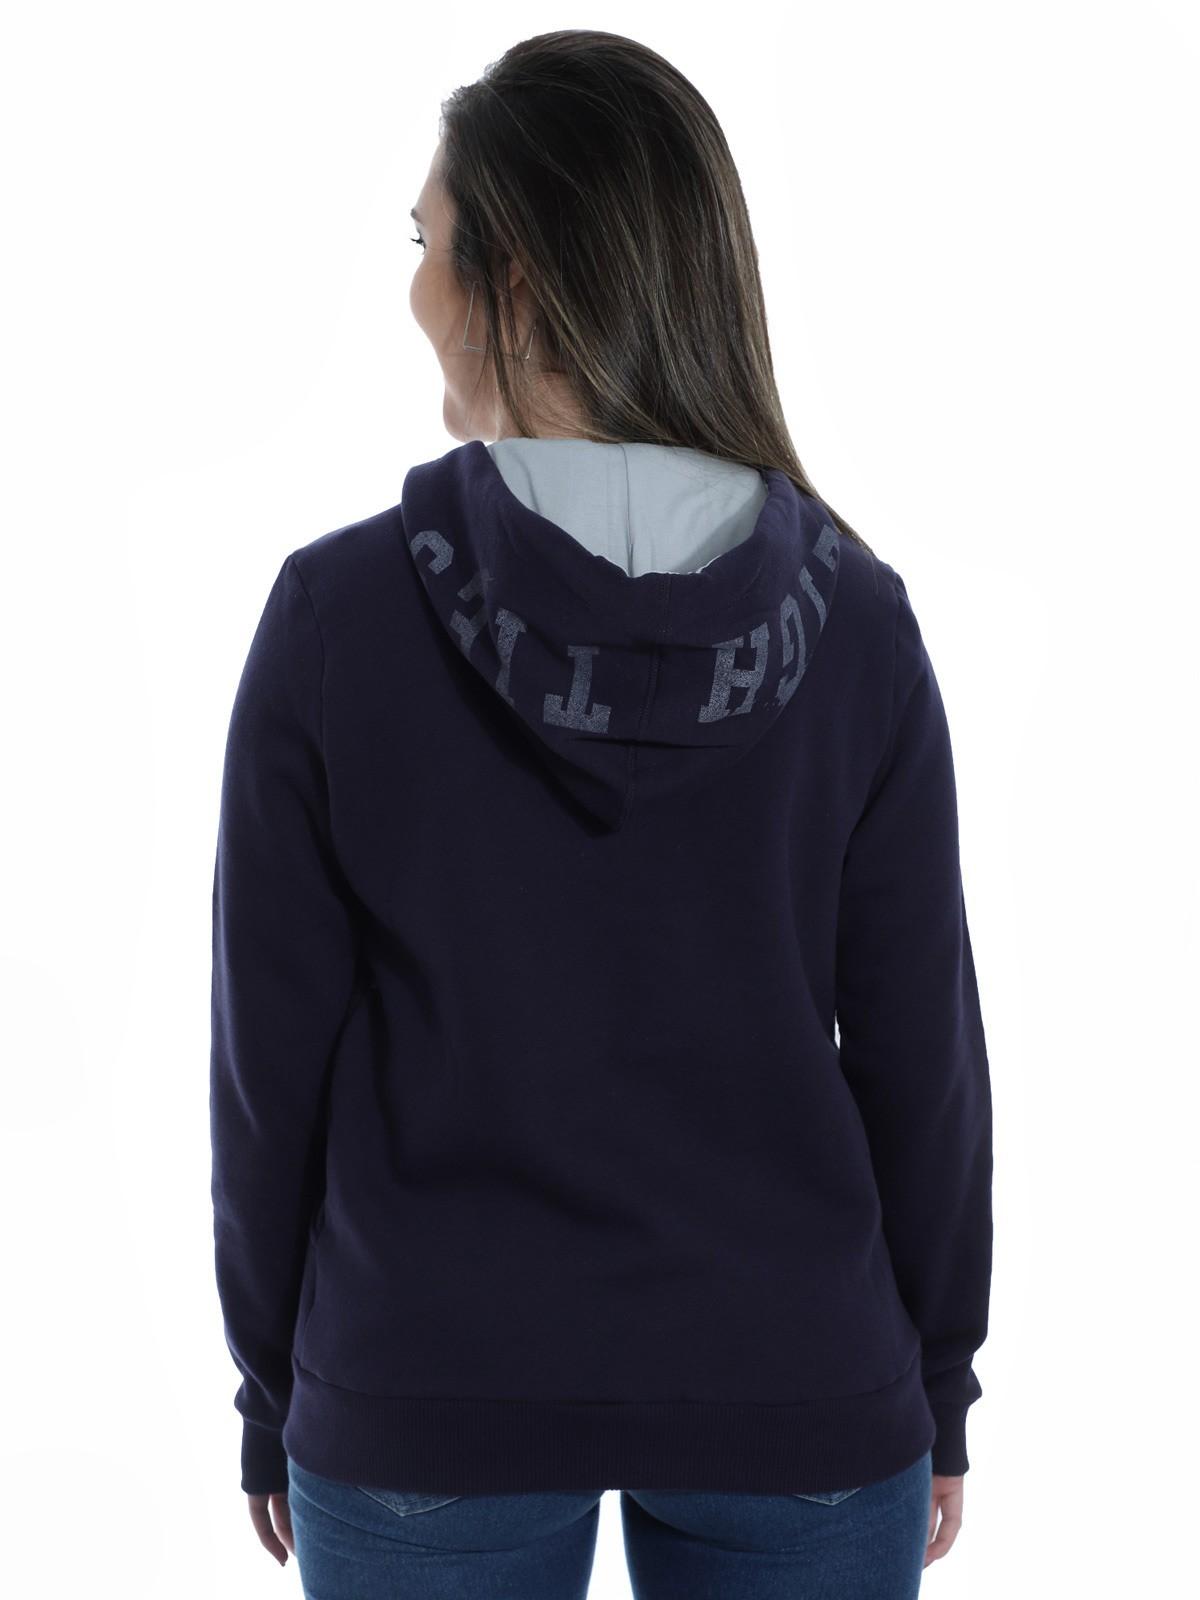 Blusa Moletom Feminino Estampa Com Touca Confortável Azul Marinho